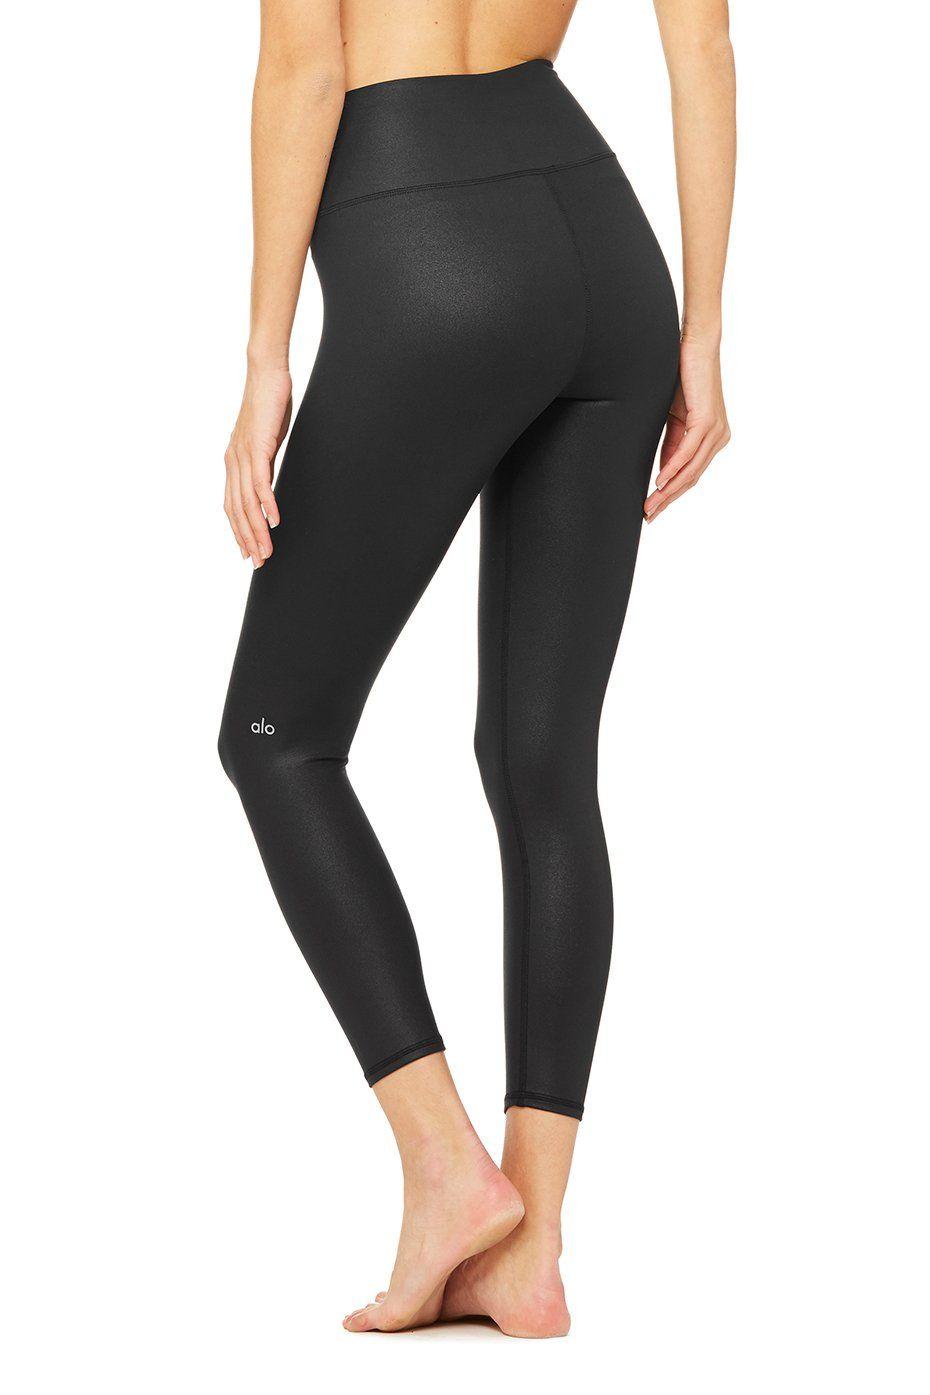 78447d786d51d 7/8 High-Waist Airbrush Legging | sweat | 4 way stretch fabric ...